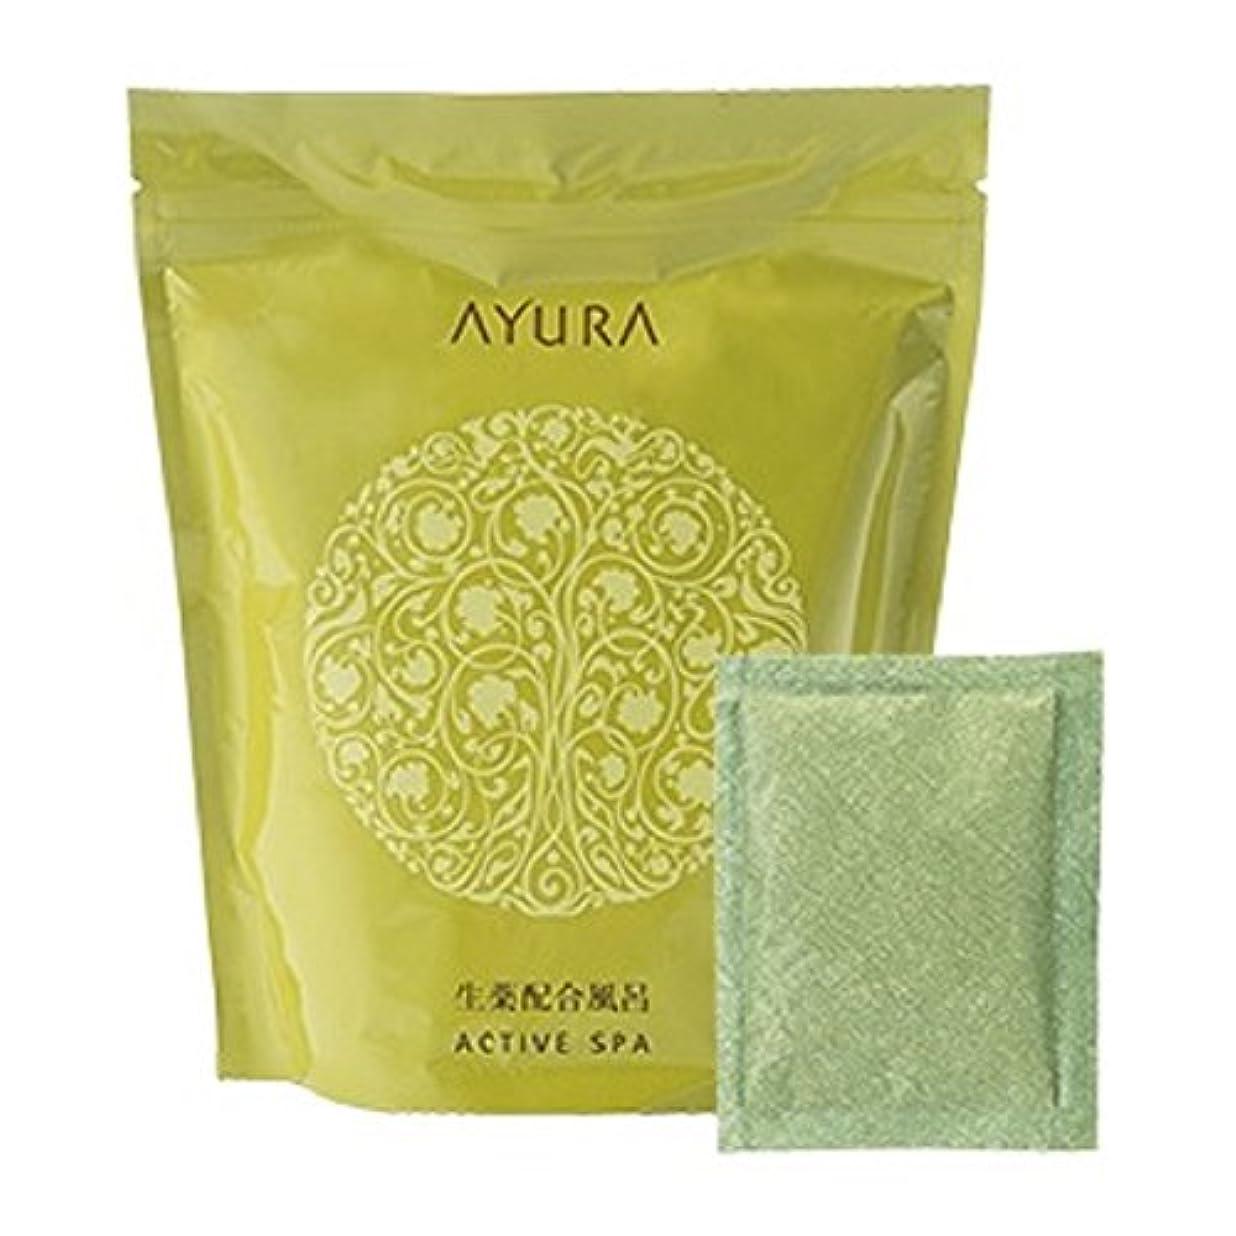 葉っぱ哀れなバタフライアユーラ (AYURA) アクティブスパα 30g 10包入 (医薬部外品) 〈薬用 入浴剤〉